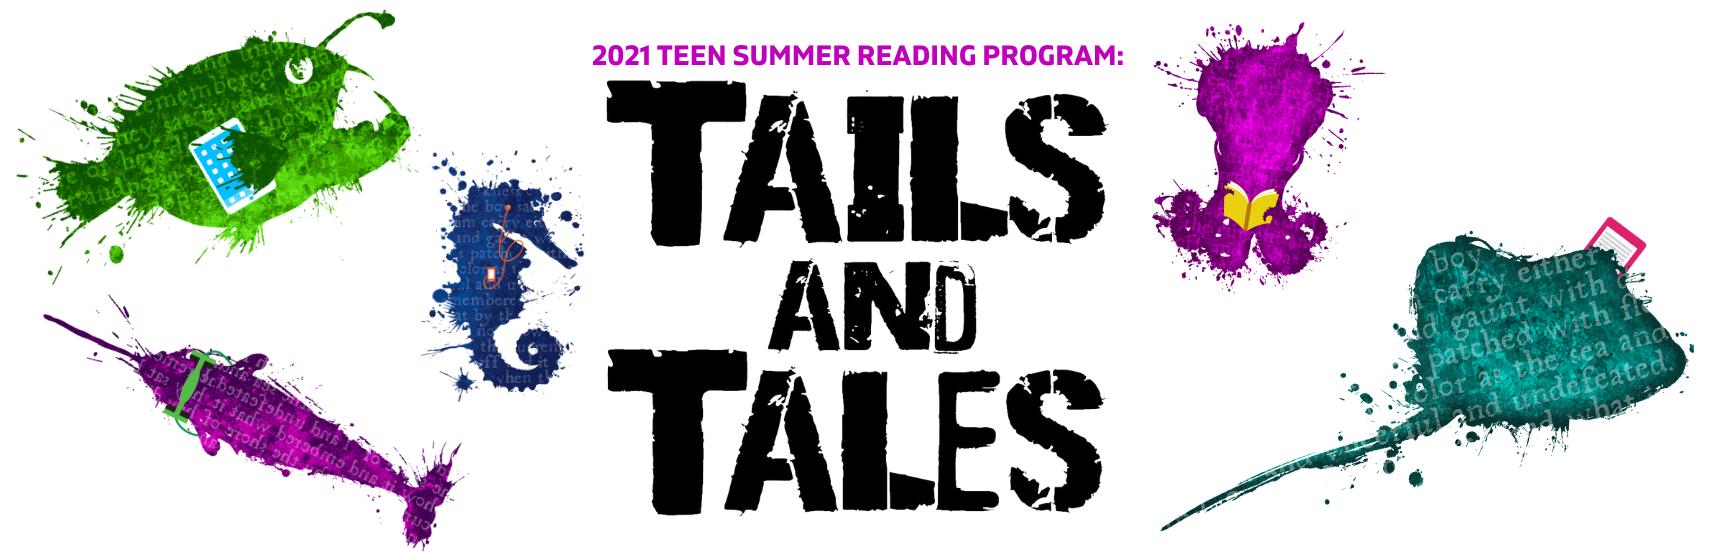 2021 Teen Summer Reading Program: Tails & Tales